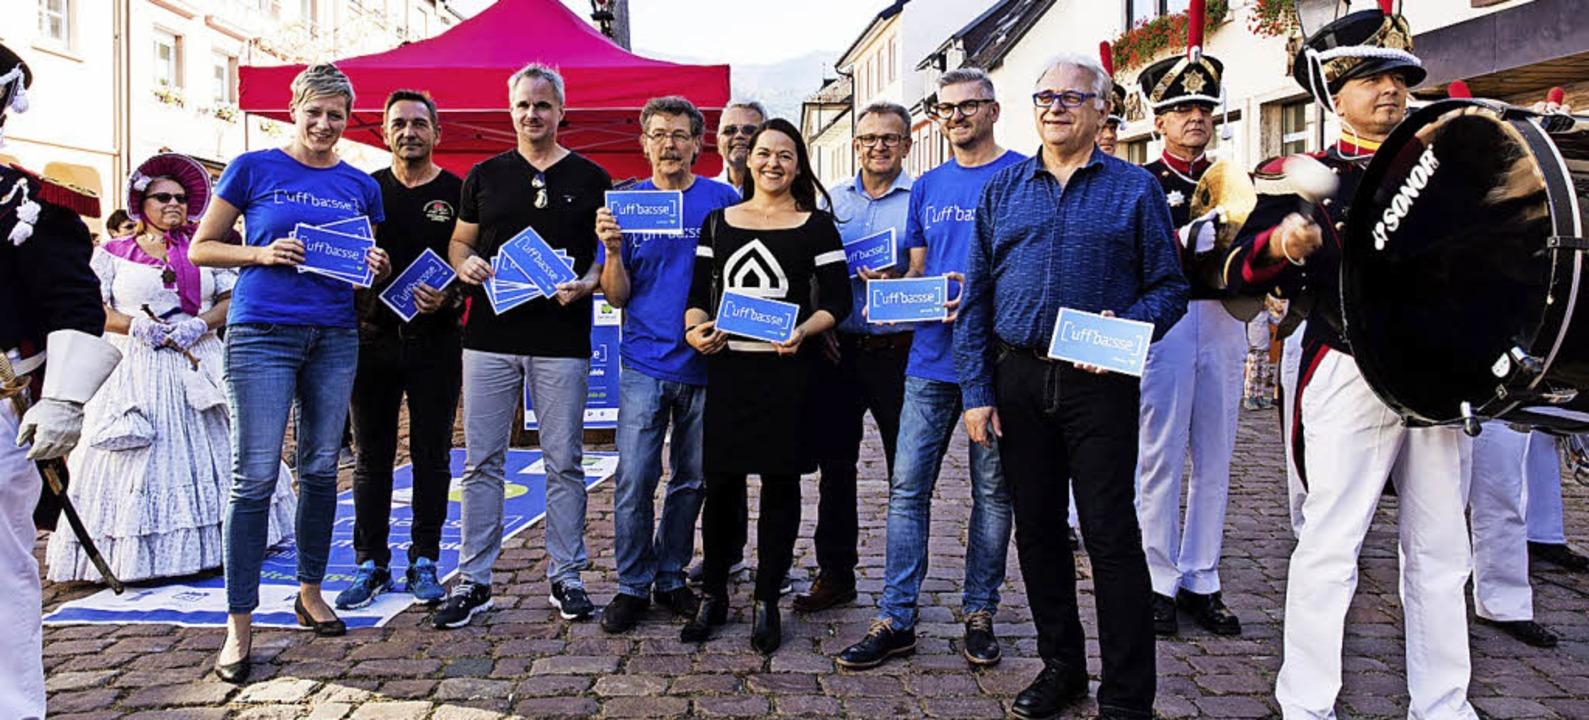 Vertreter des Zweitälerland-Tourismus,...er Historischen Bürgerwehr Waldkirch.   | Foto: Fotos: Gabriele Zahn